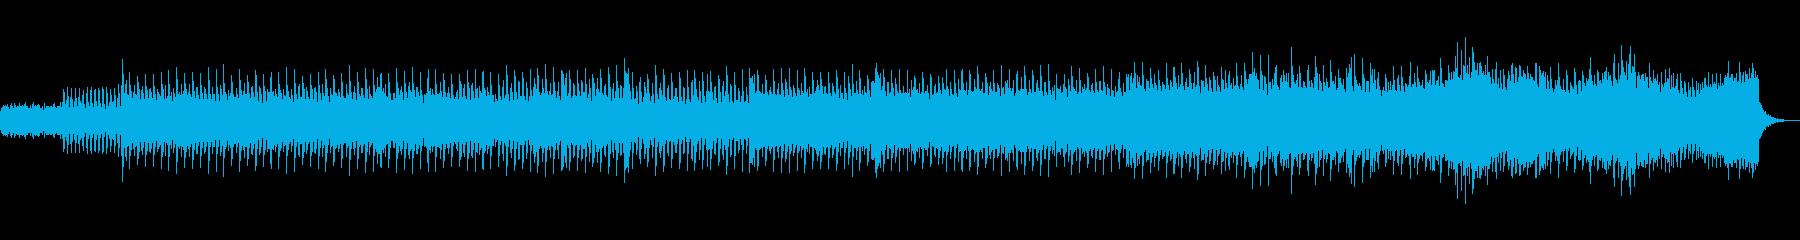 感動的で切ない持続音多めのシンセサウンドの再生済みの波形